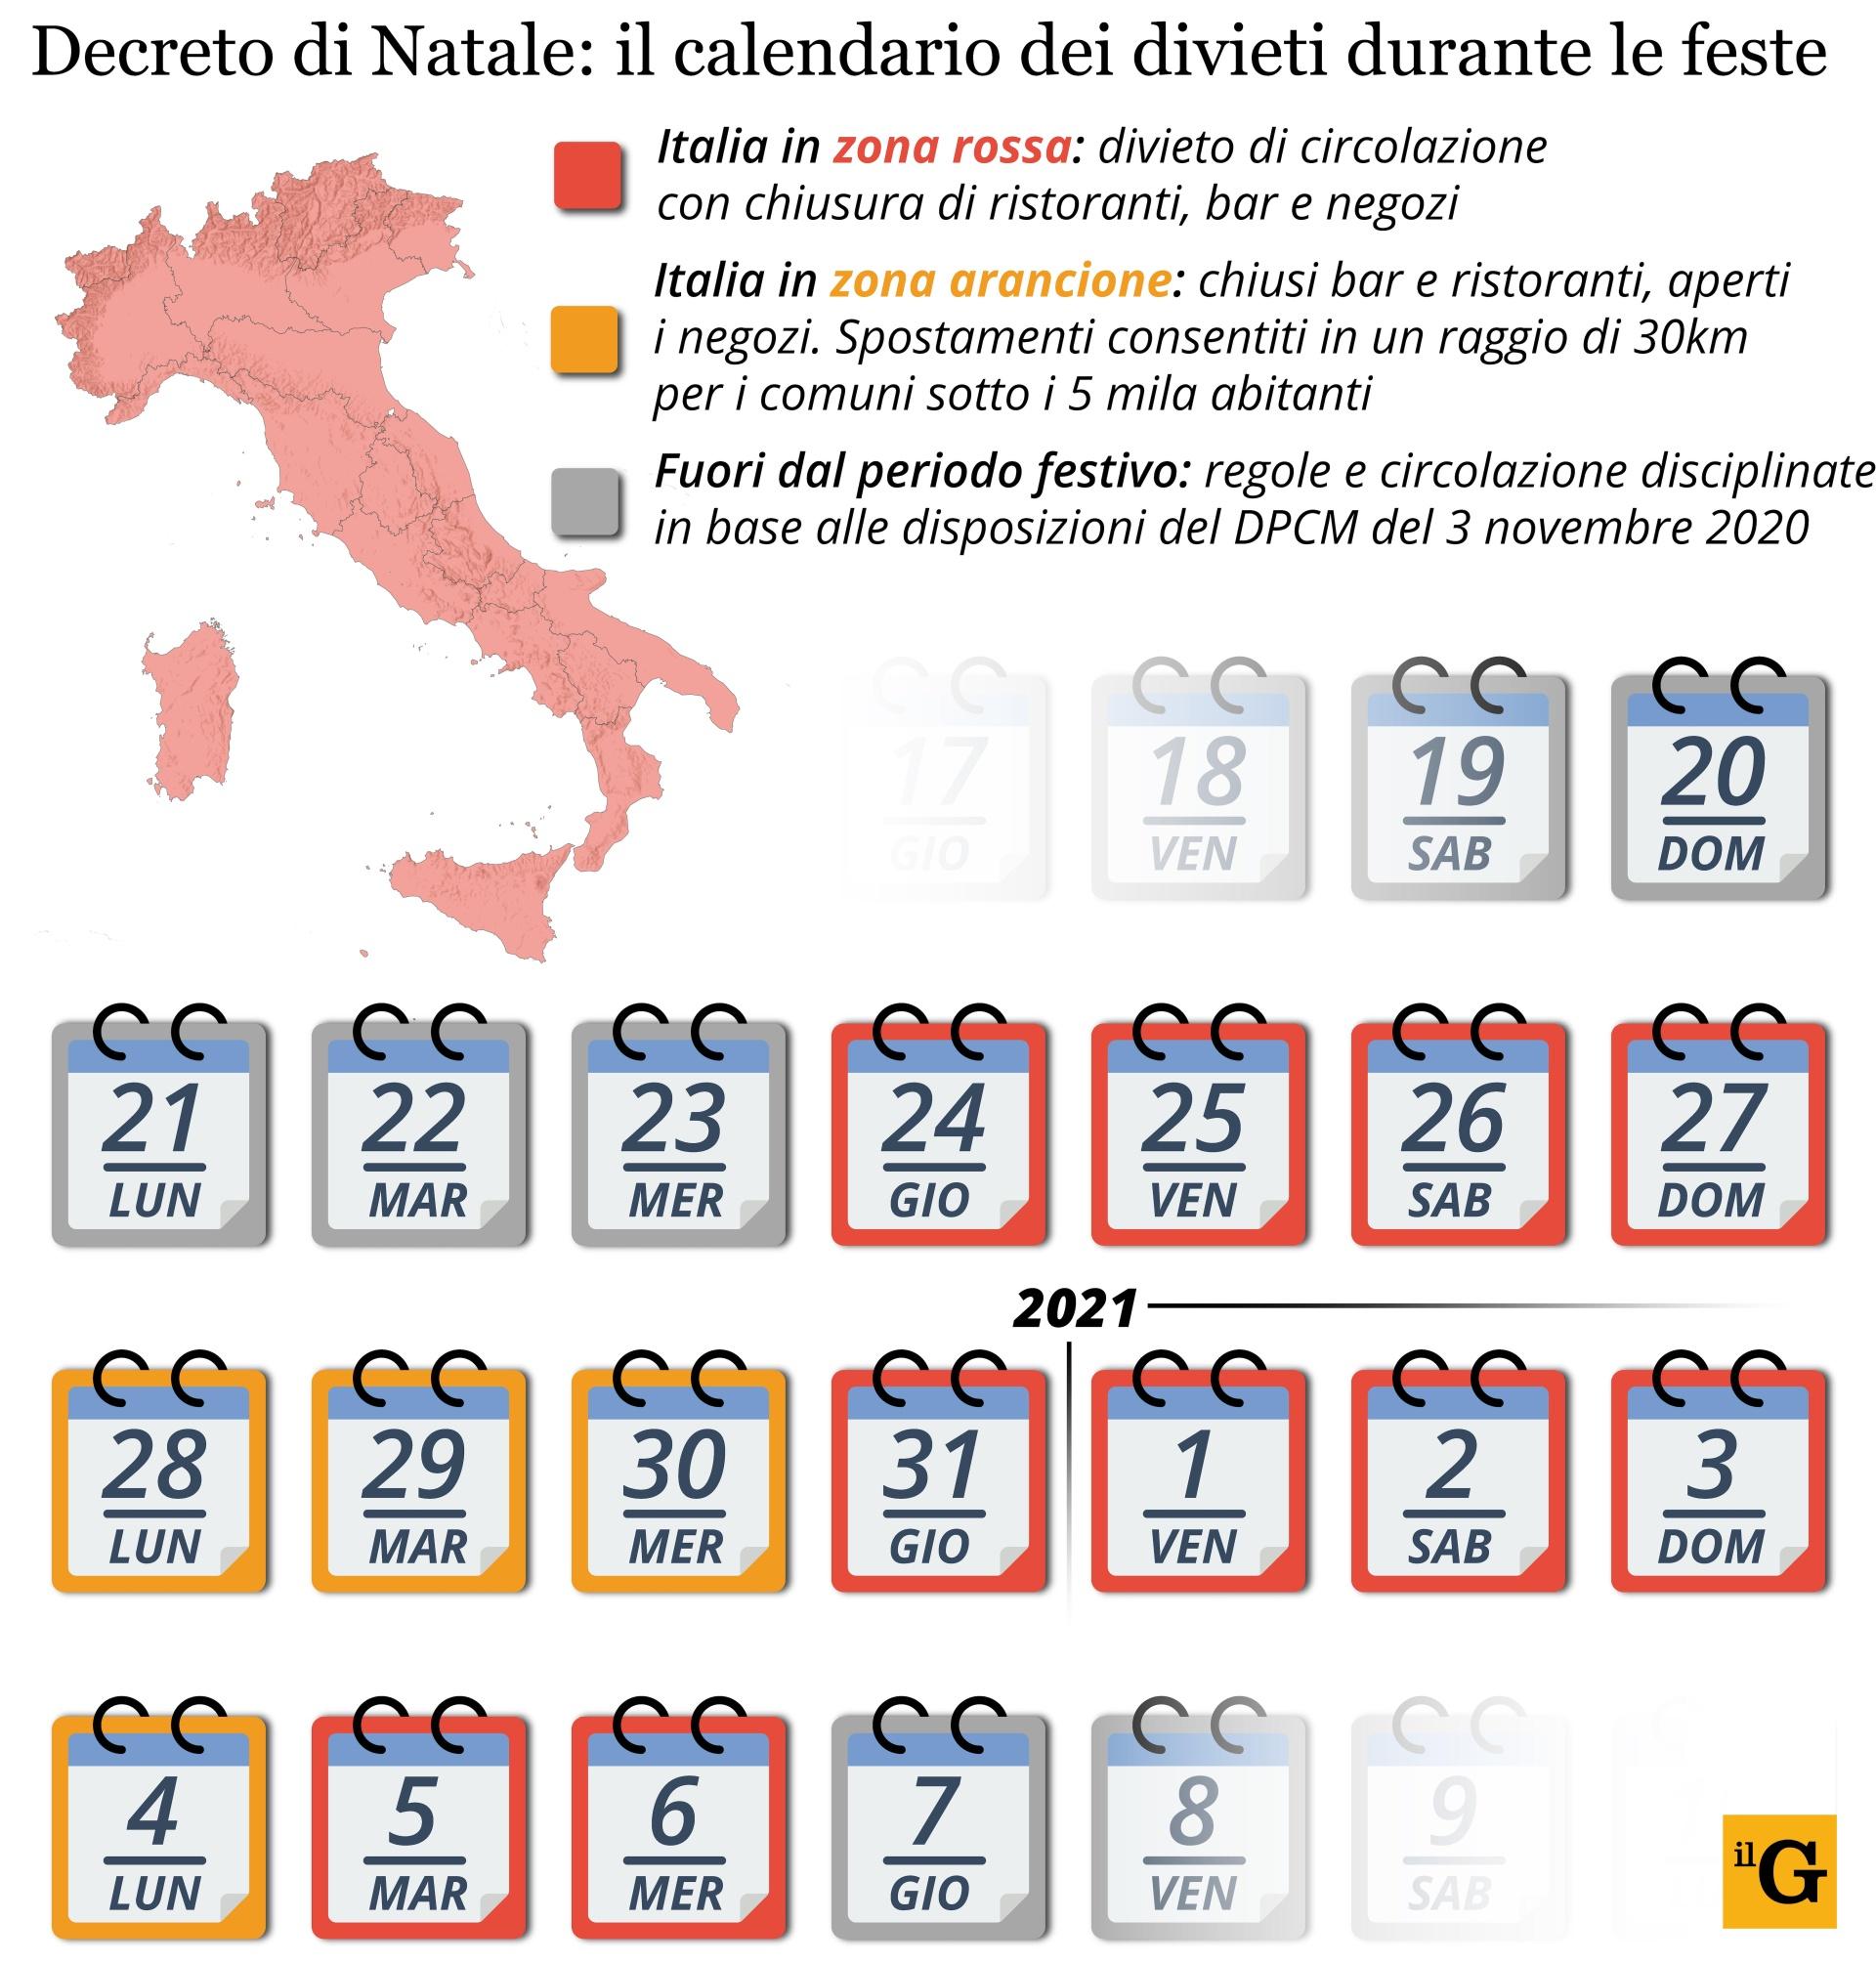 Wakacje we Włoszech w 2020 a koronawirus. Jak wygląda podróż na Sycylię? Aktualne informacje i obostrzenia